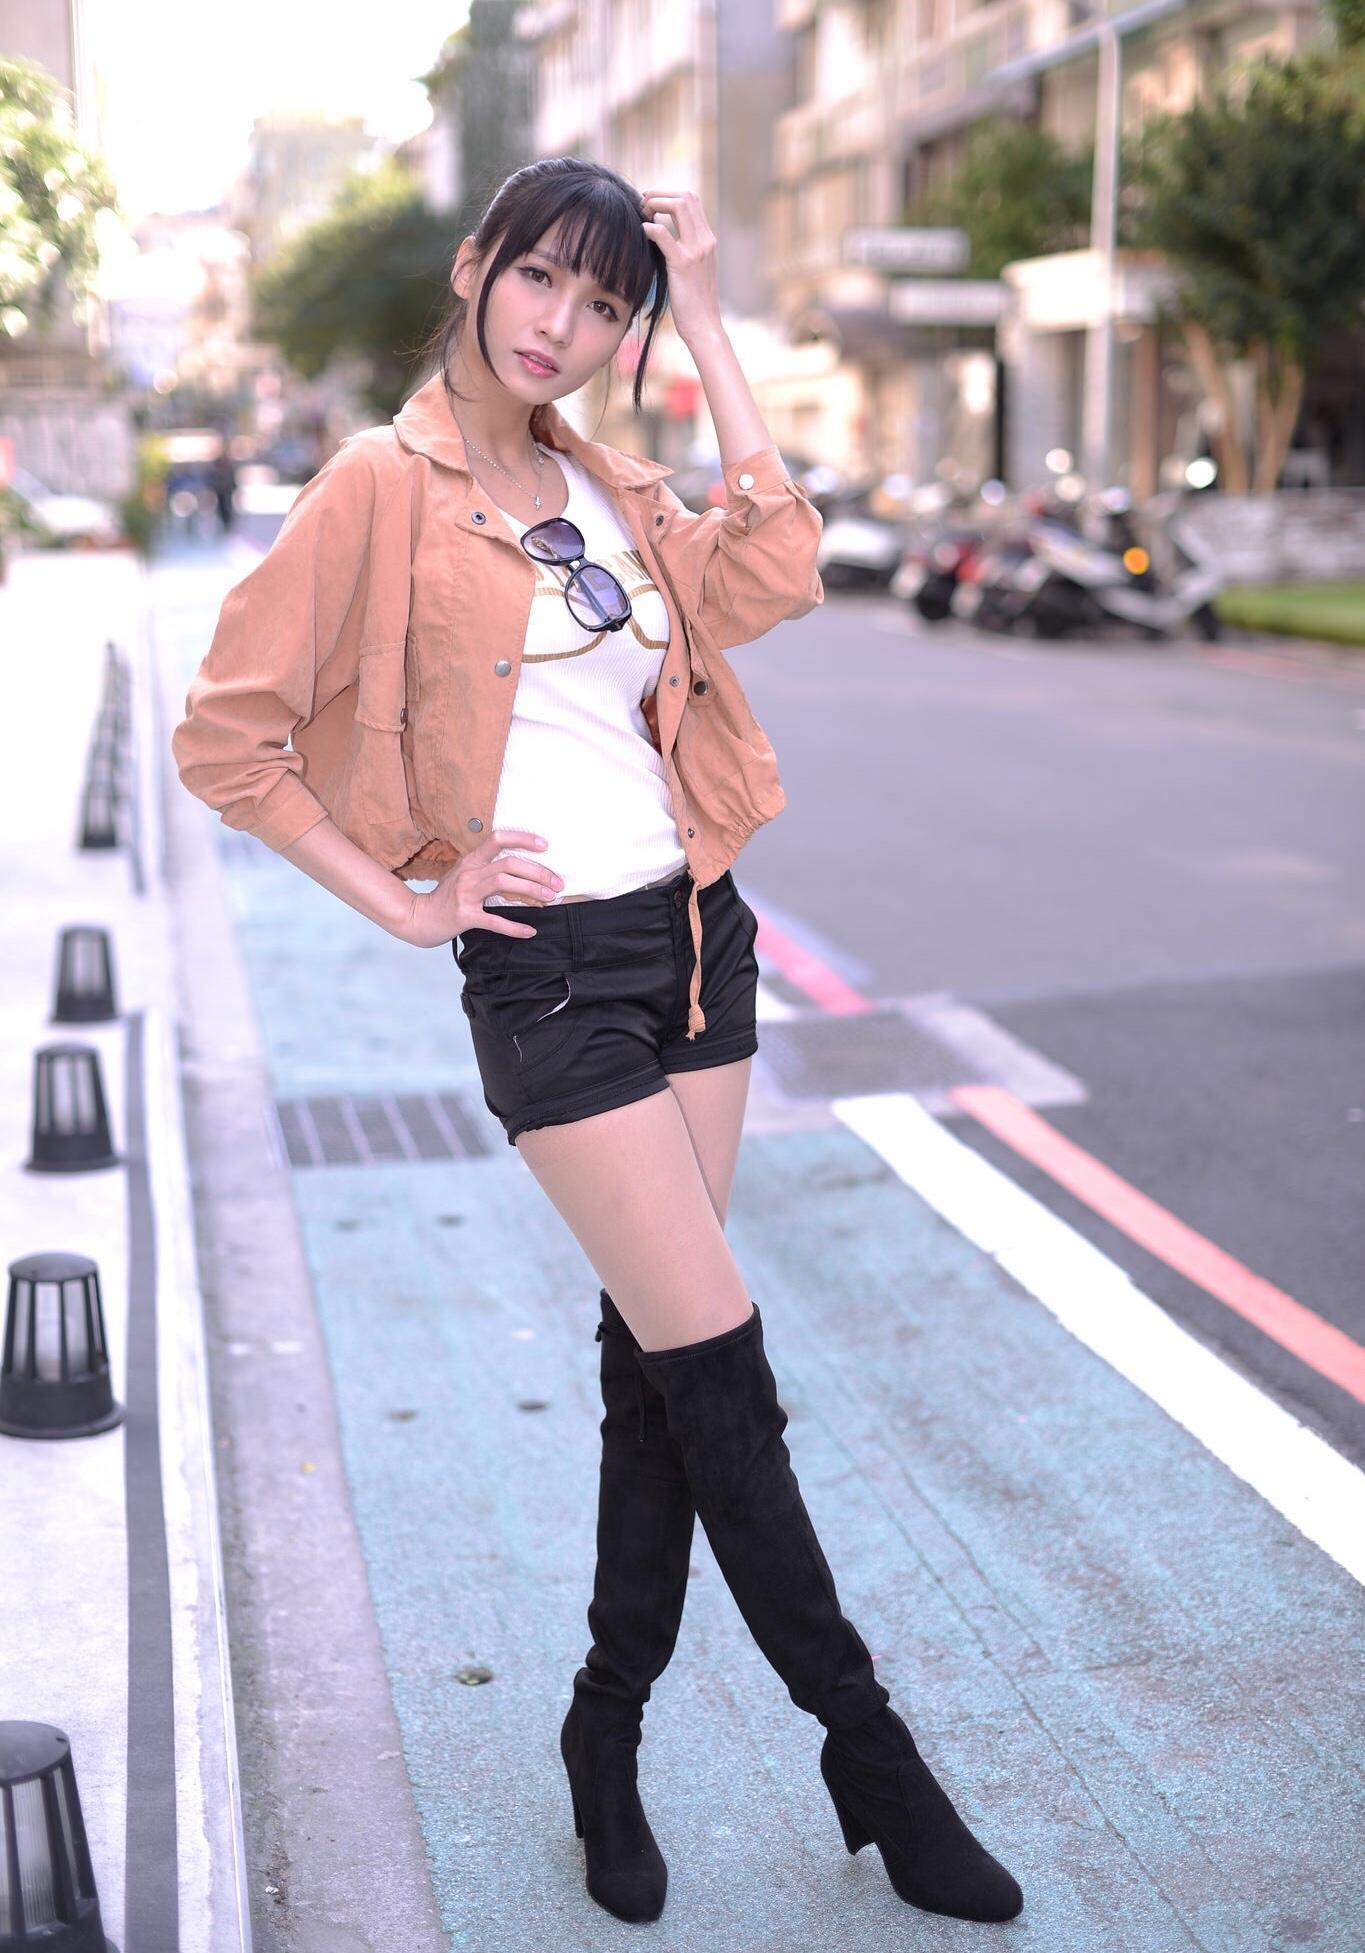 ニーハイブーツを履いた台湾美女Candice 14